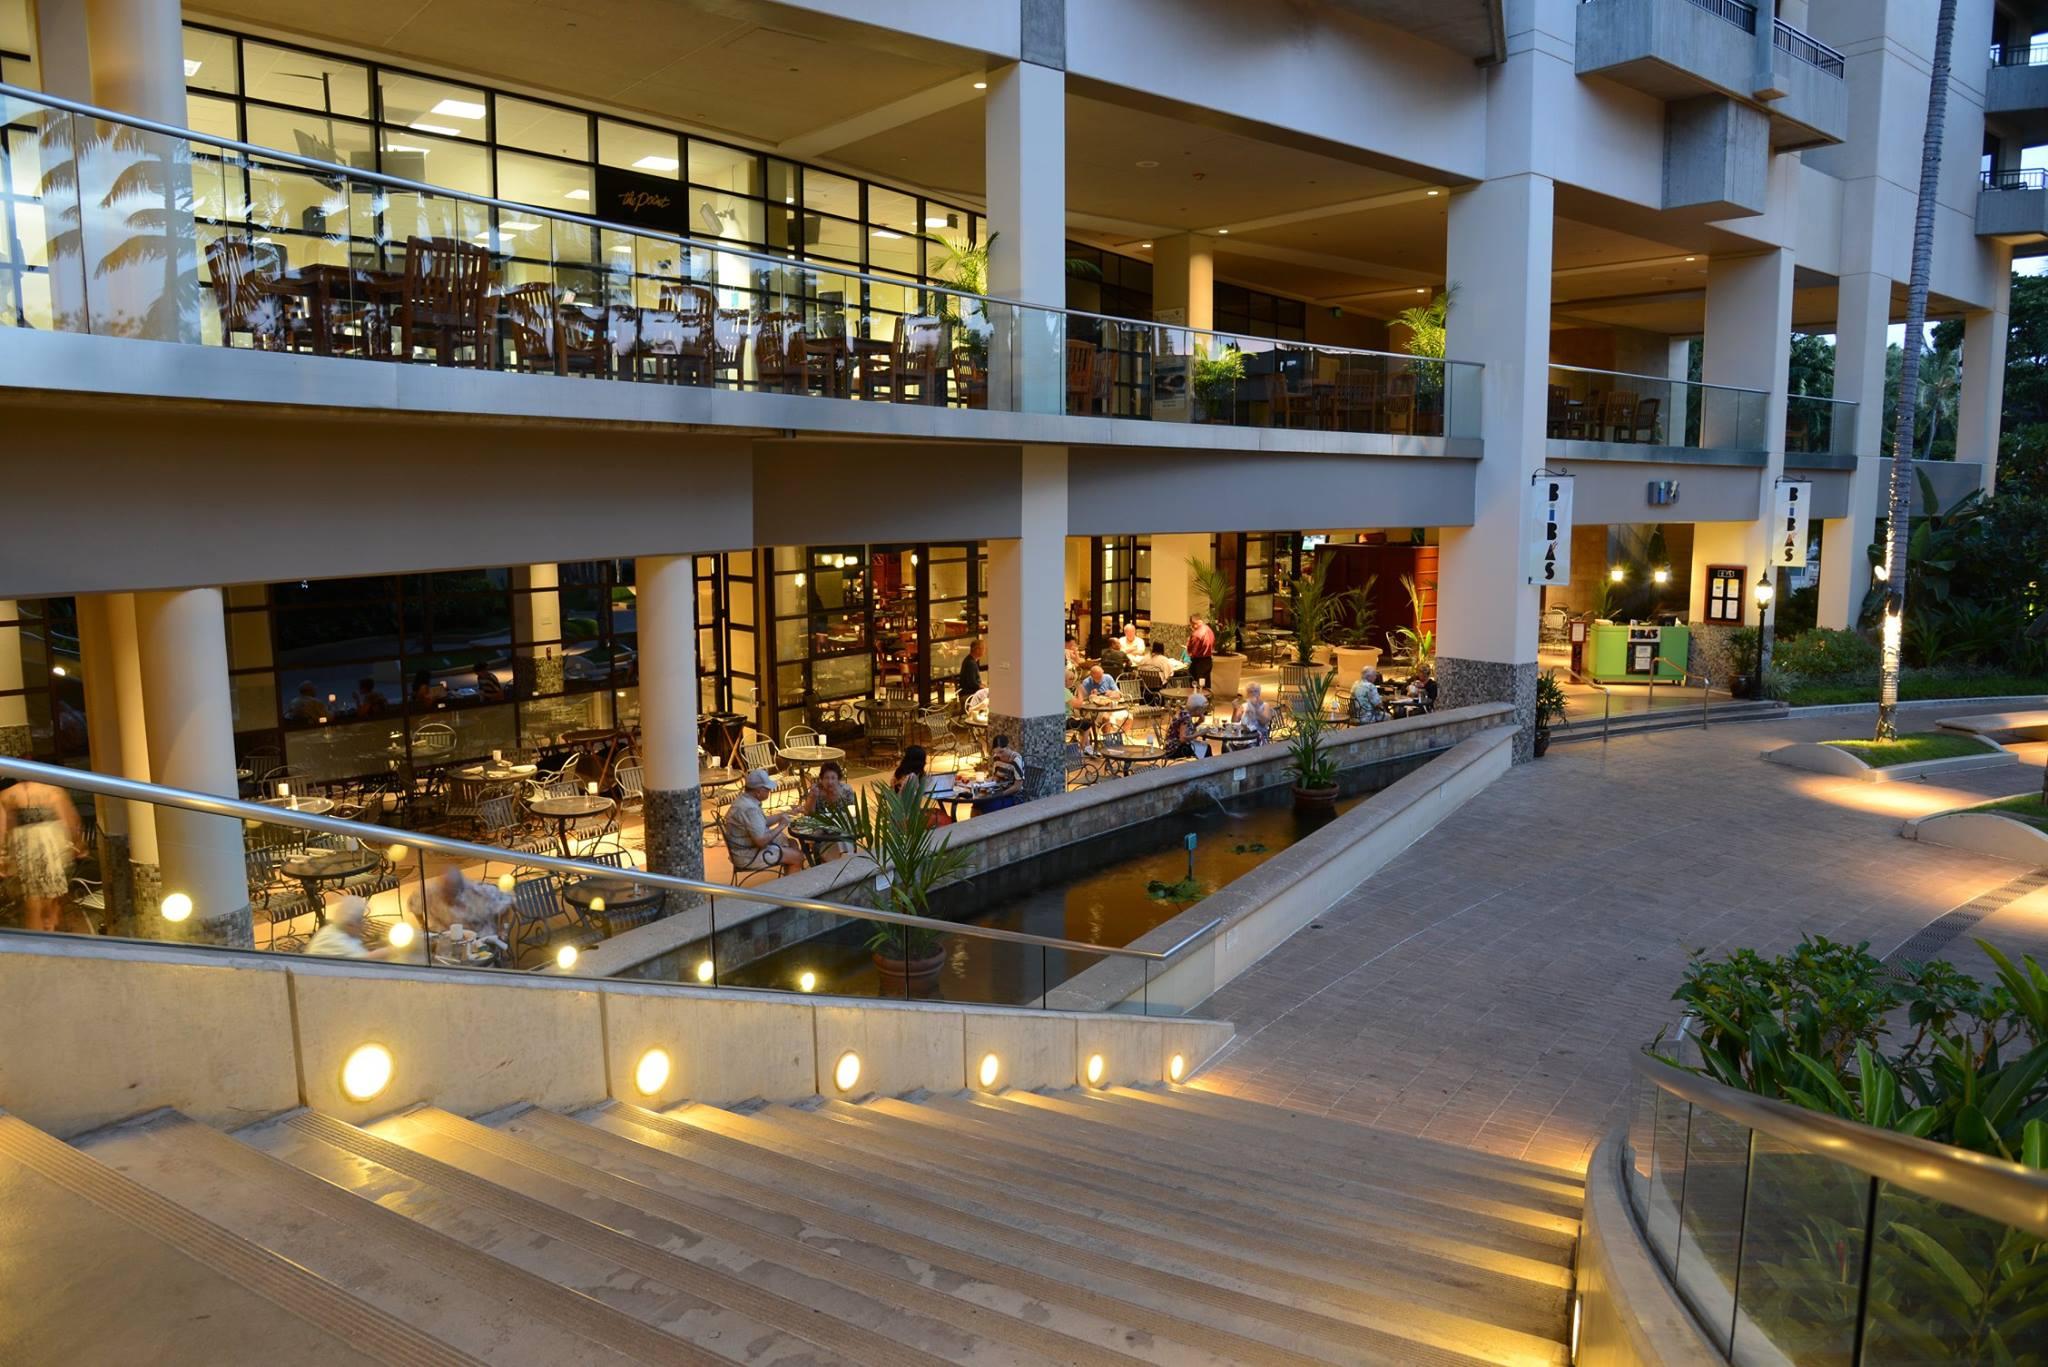 Hale Koa Hotel Venue Honolulu Get Your Price Estimate Today